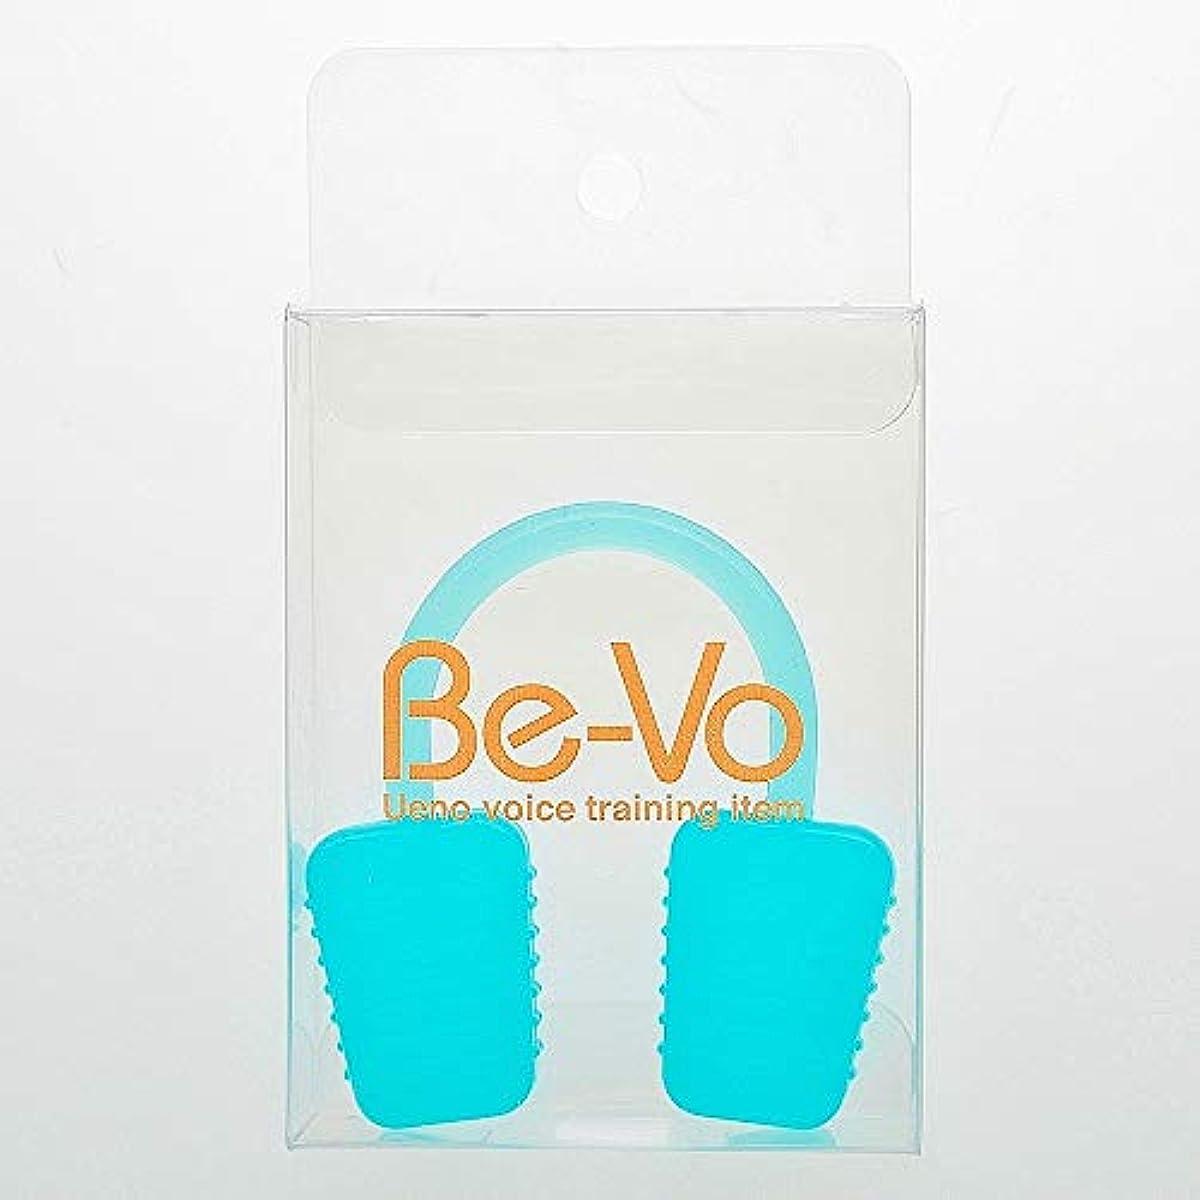 資本主義近所の授業料Be-Vo (ビーボ) ボイストレーニング器具 自宅で簡単ボイトレグッズ (ブルー)